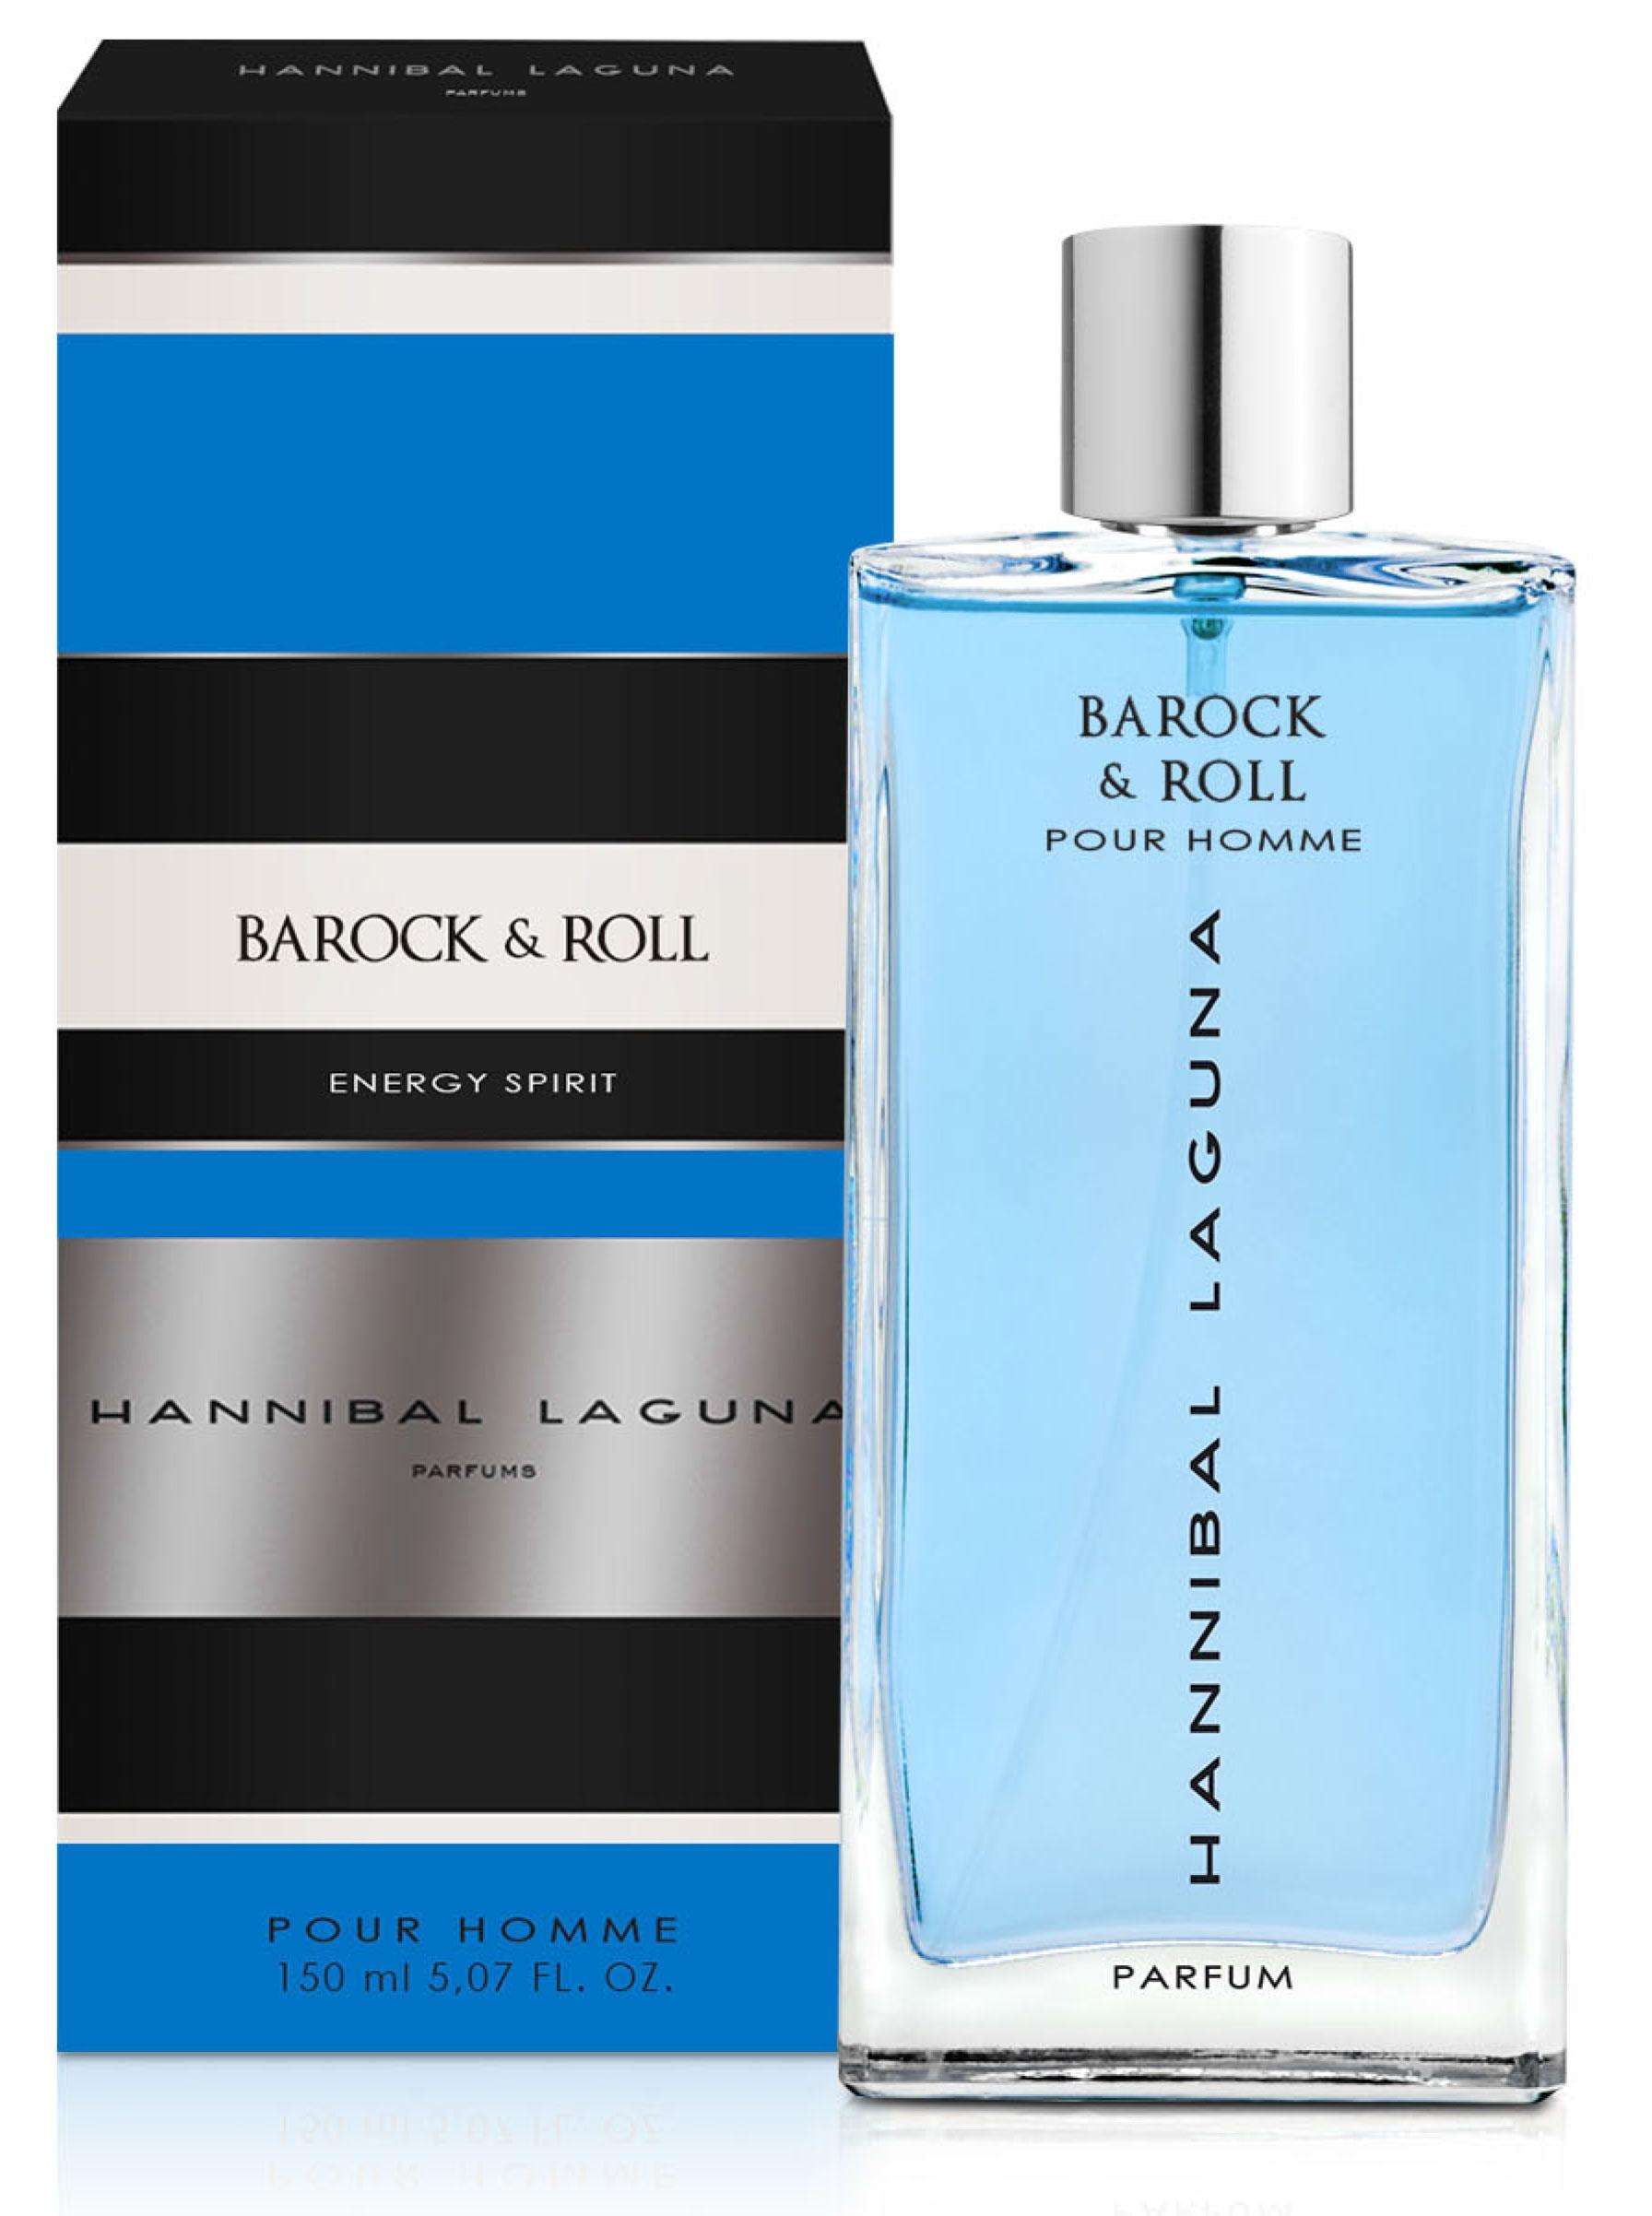 Algun Perfume Economico Que Huela Igual Al Sauvage Dior Page 1